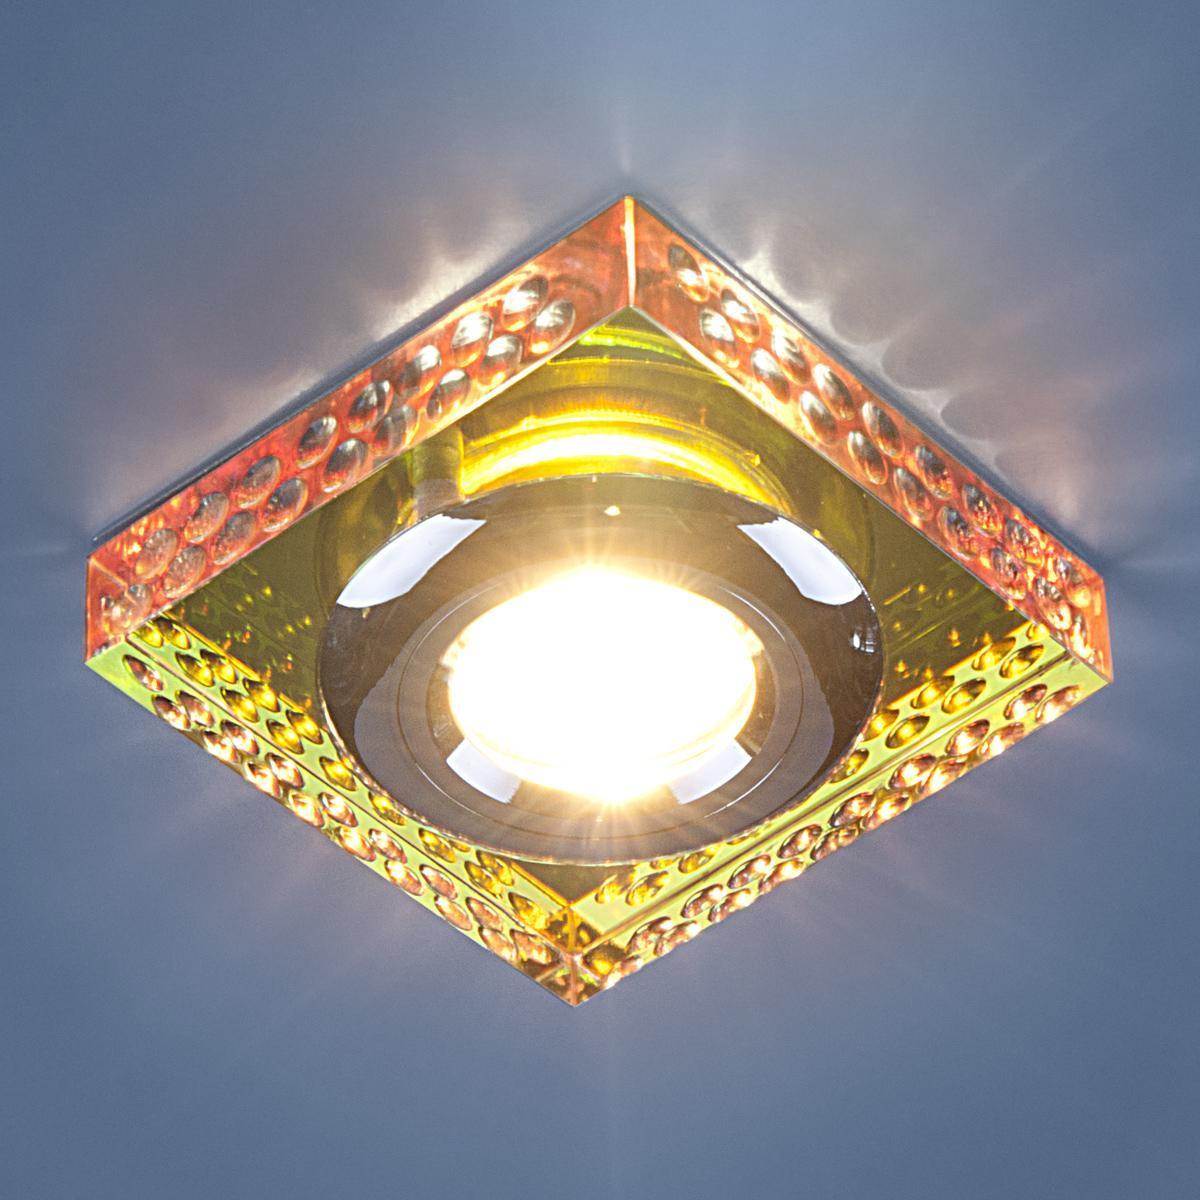 Фото - Встраиваемый светильник Elektrostandard 1058 зеркальный/мульти (Clear/Multi) 4690389012815 multi compartment clear makeup holder